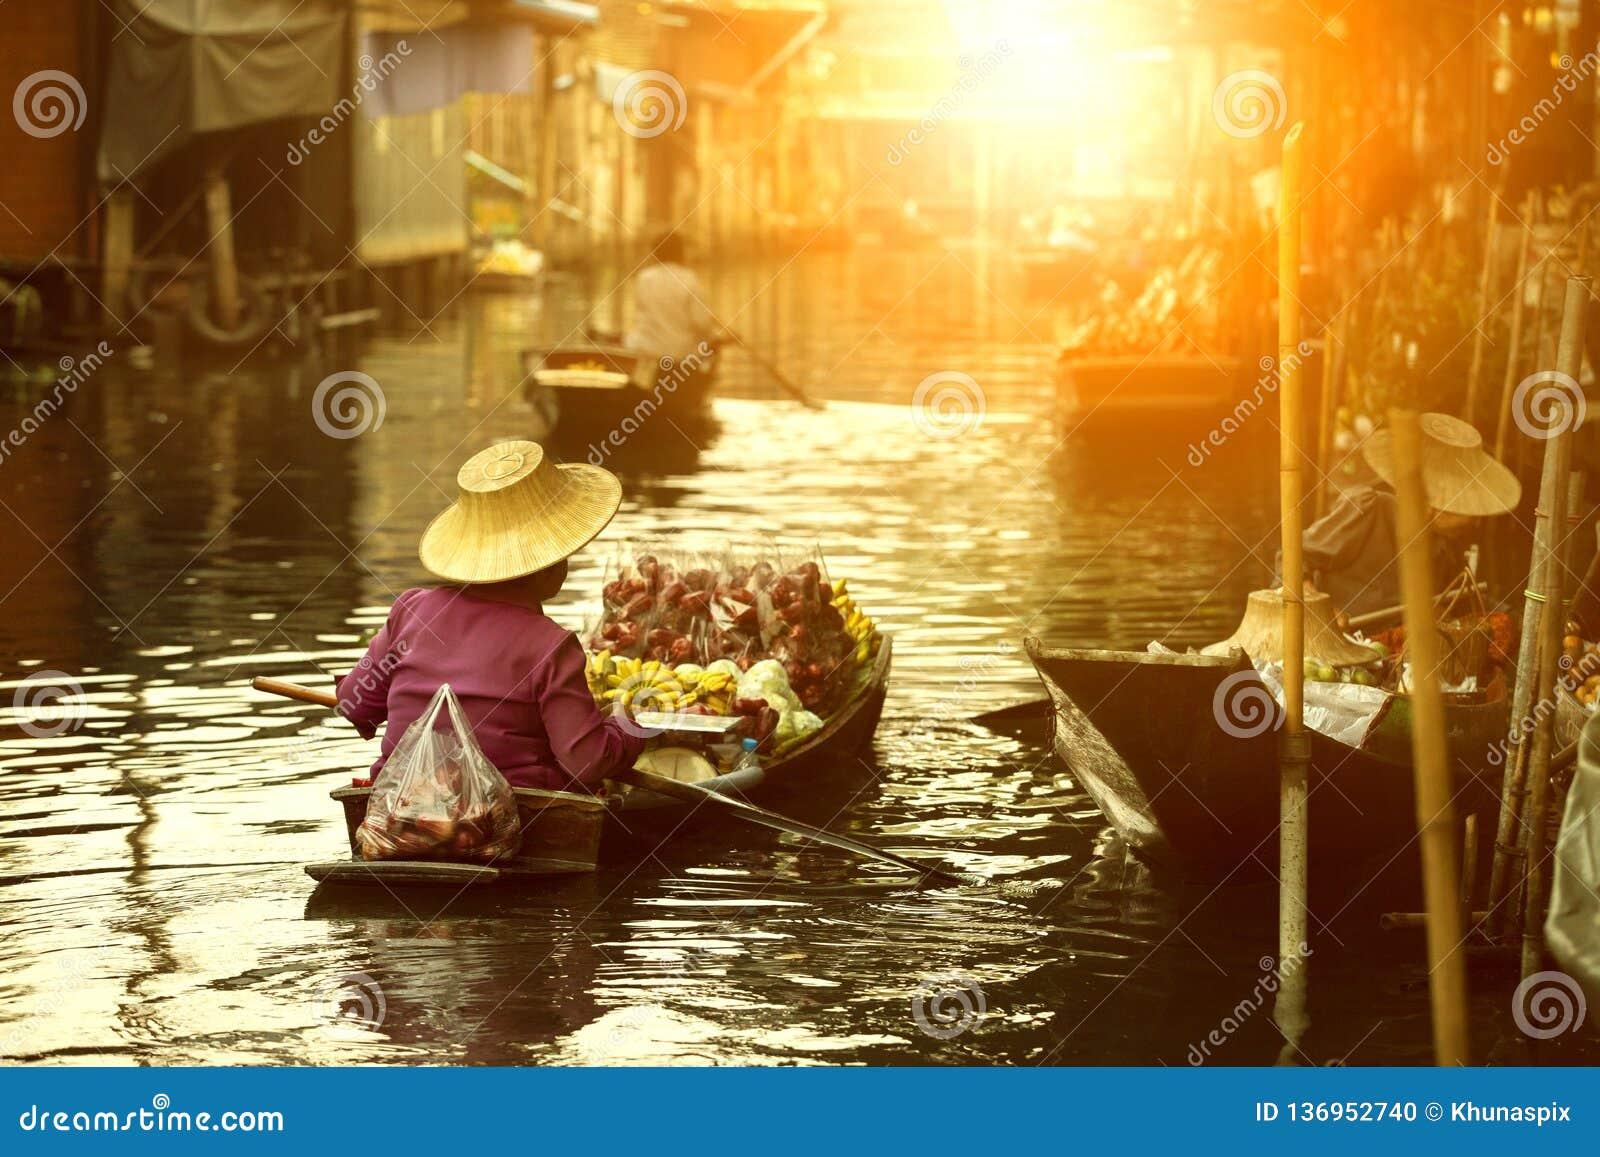 Vendeur thaïlandais de fruit naviguant le bateau en bois sur le marché de flottement de tradition de la Thaïlande